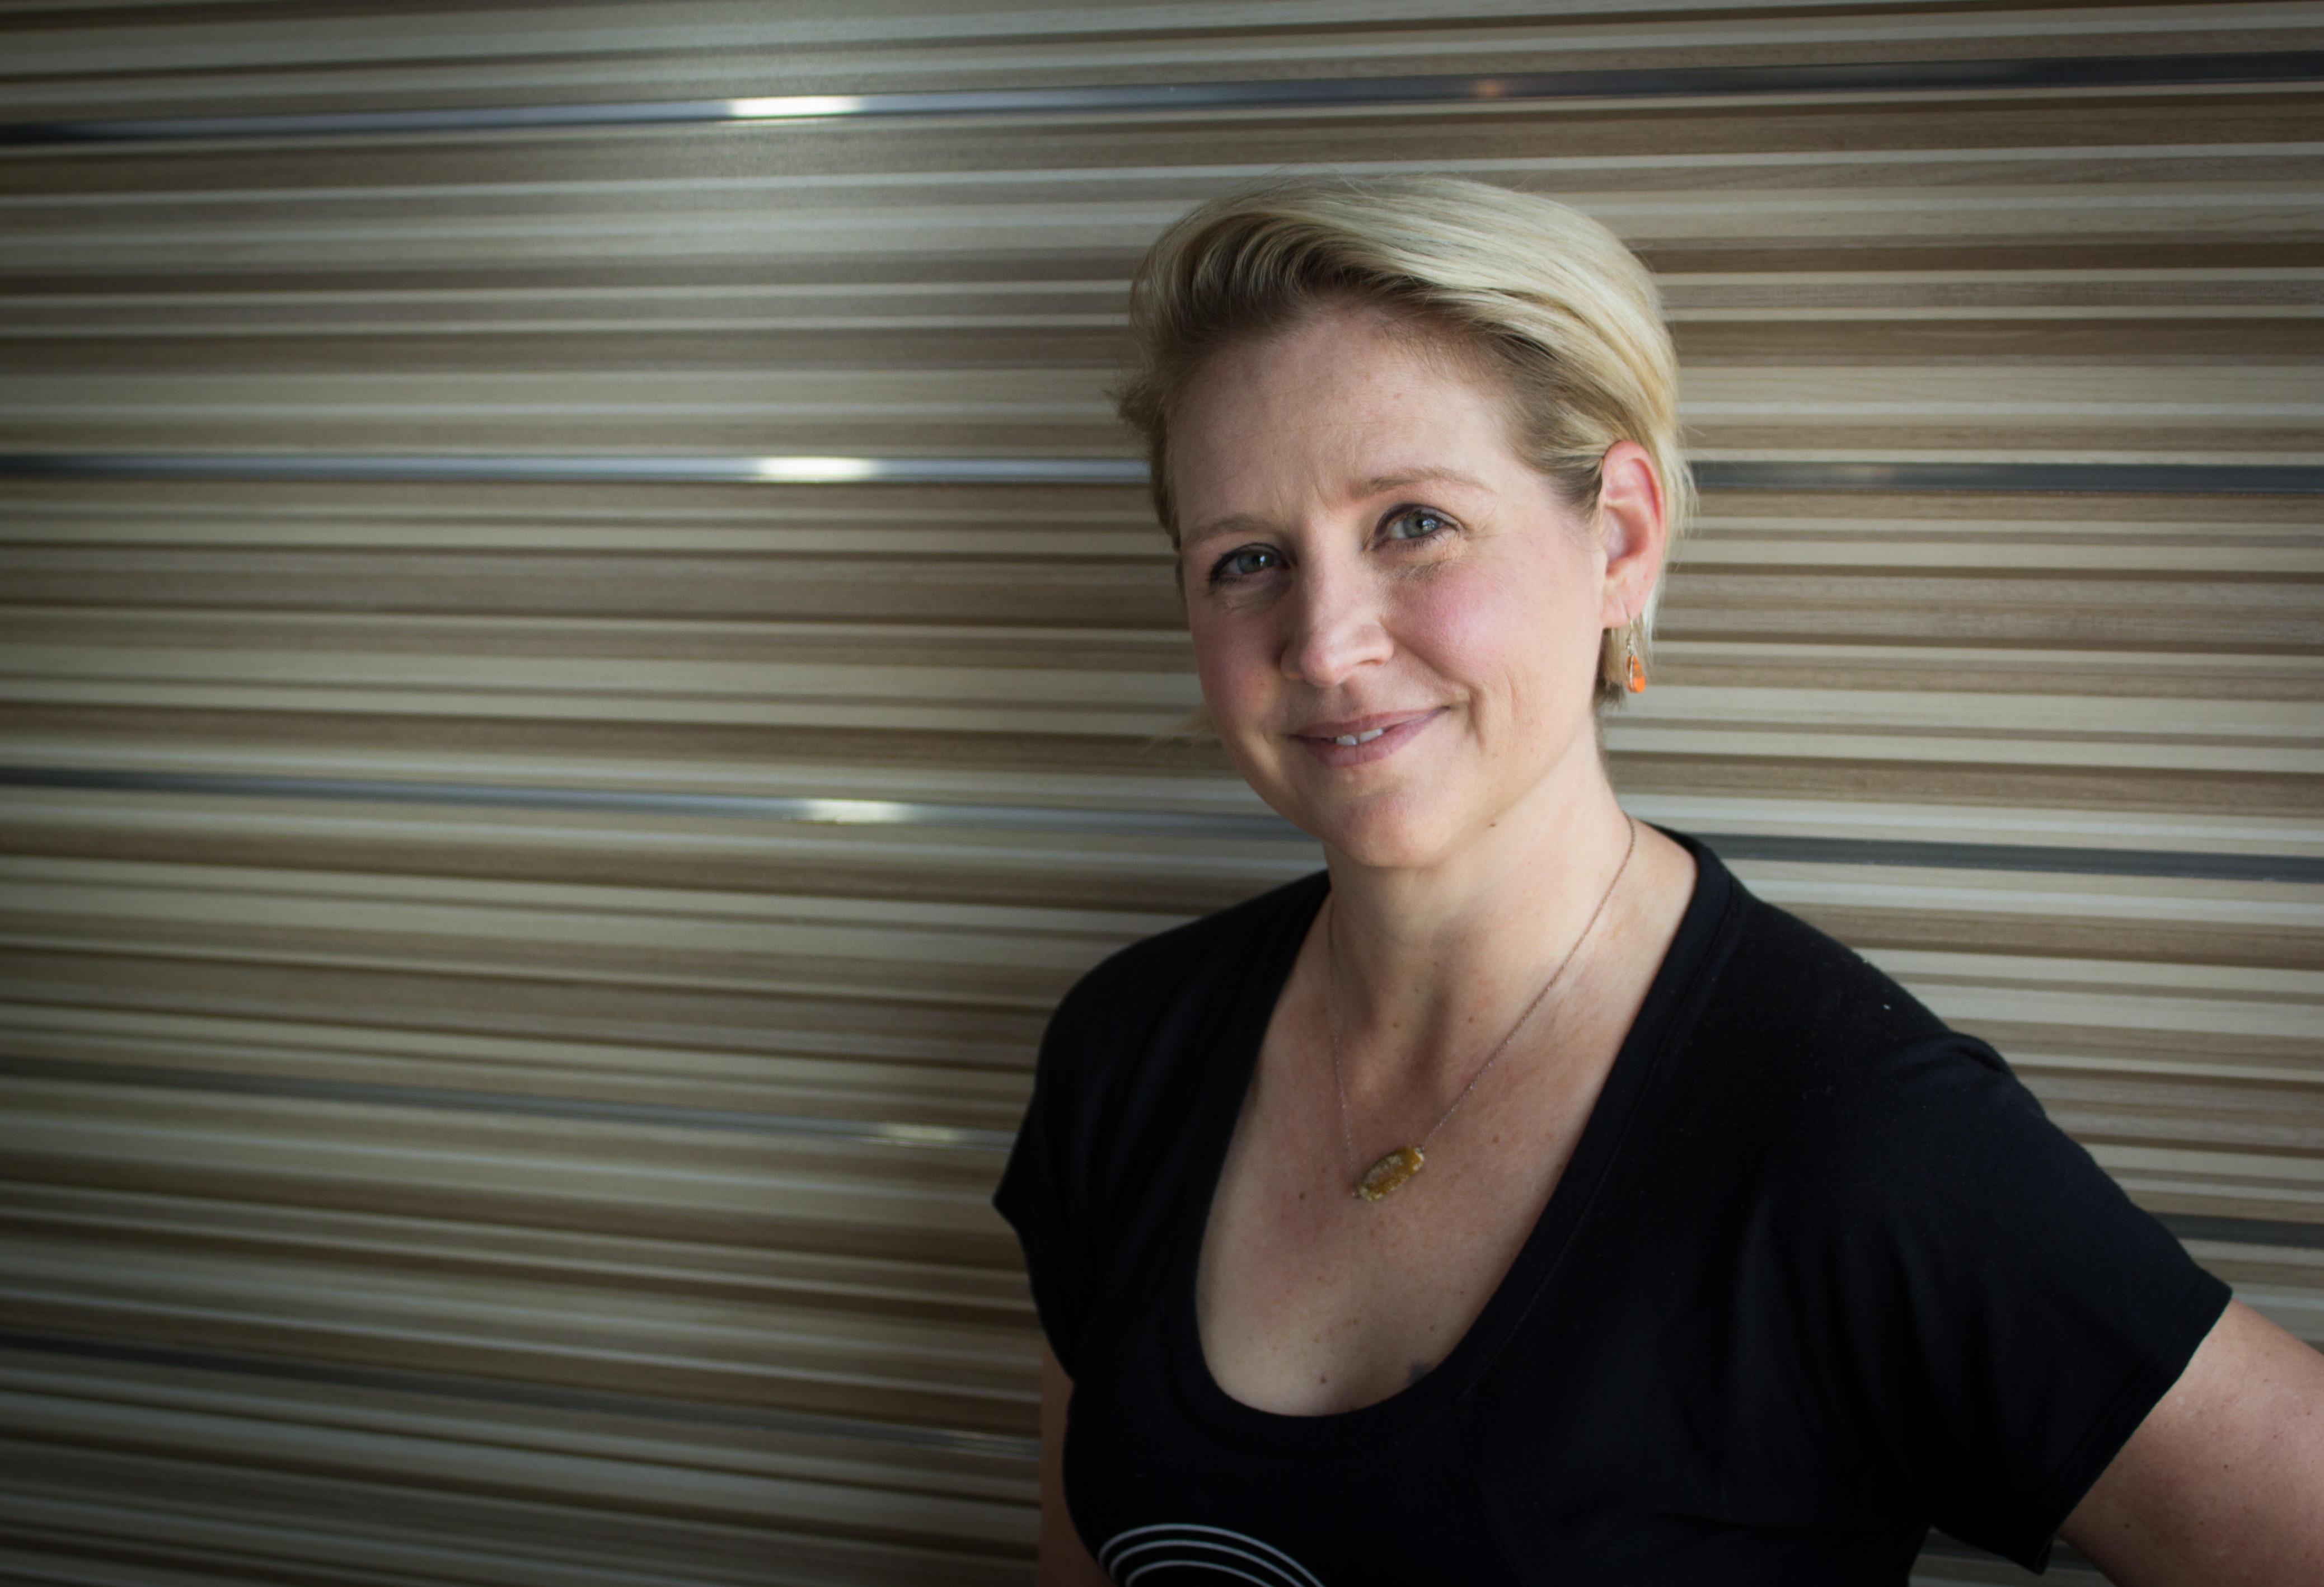 Erin Boyle